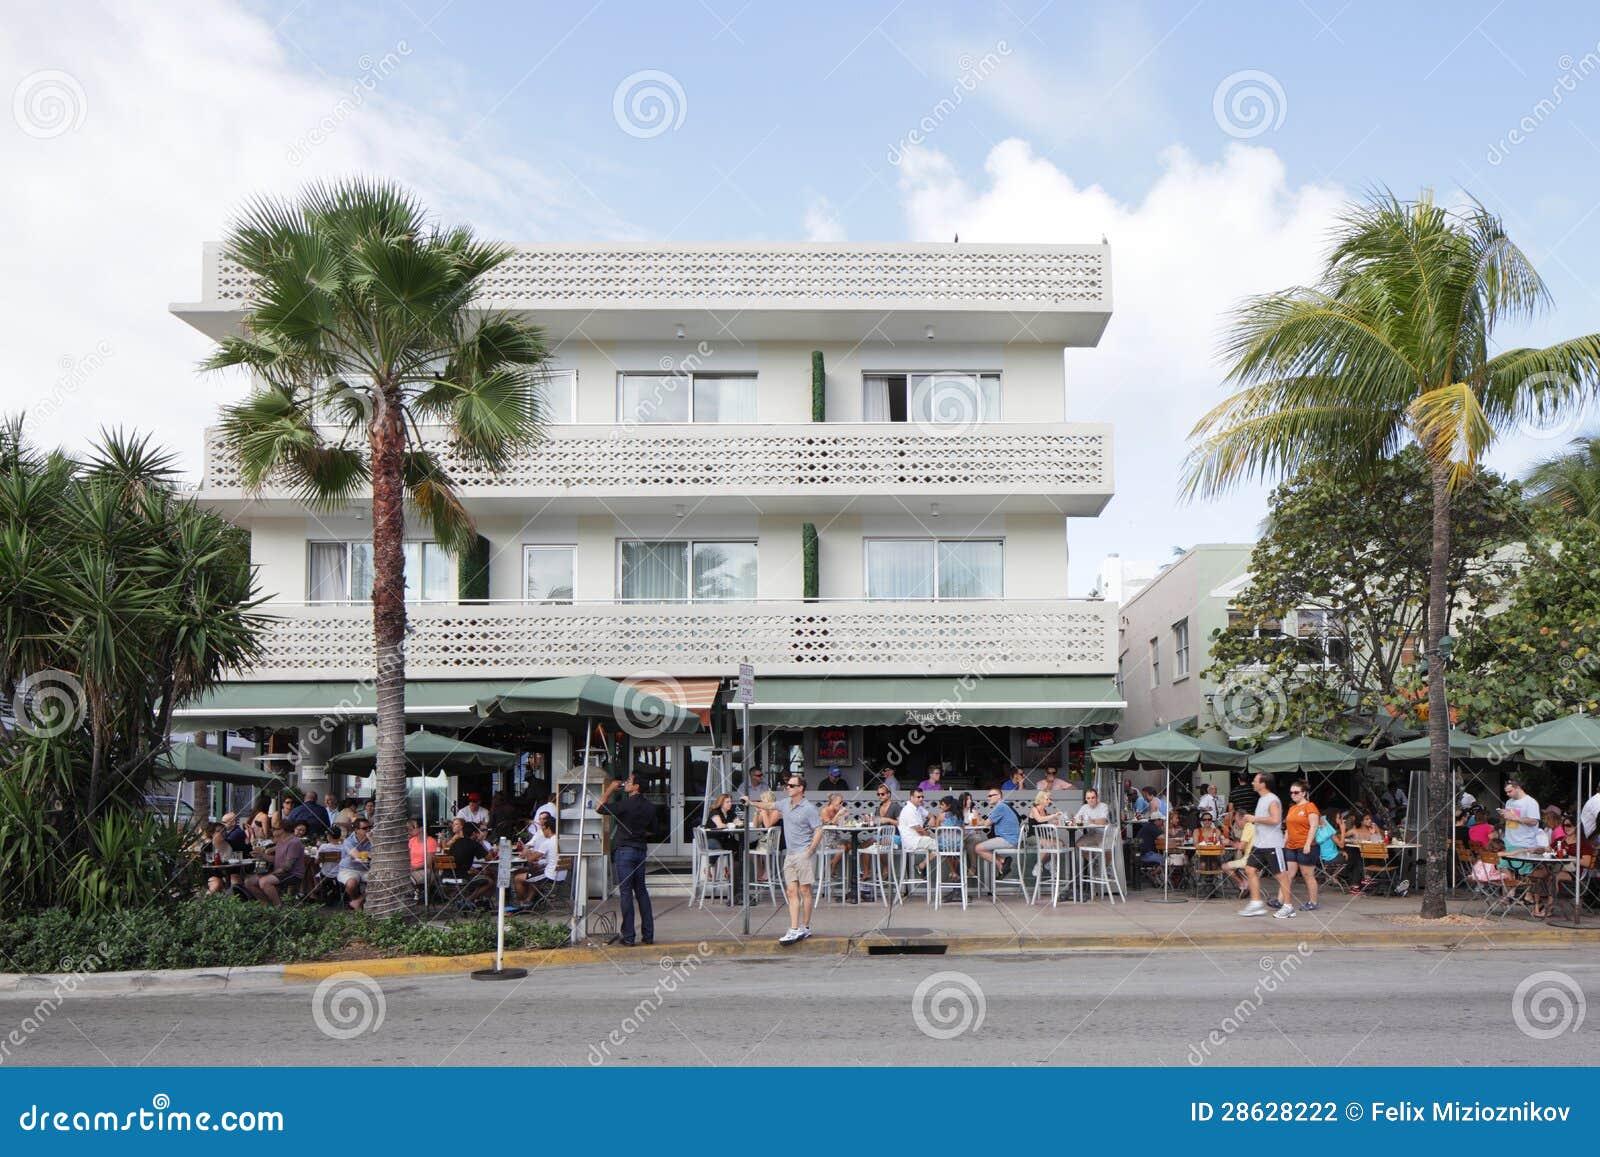 News Cafe Restaurant Miami